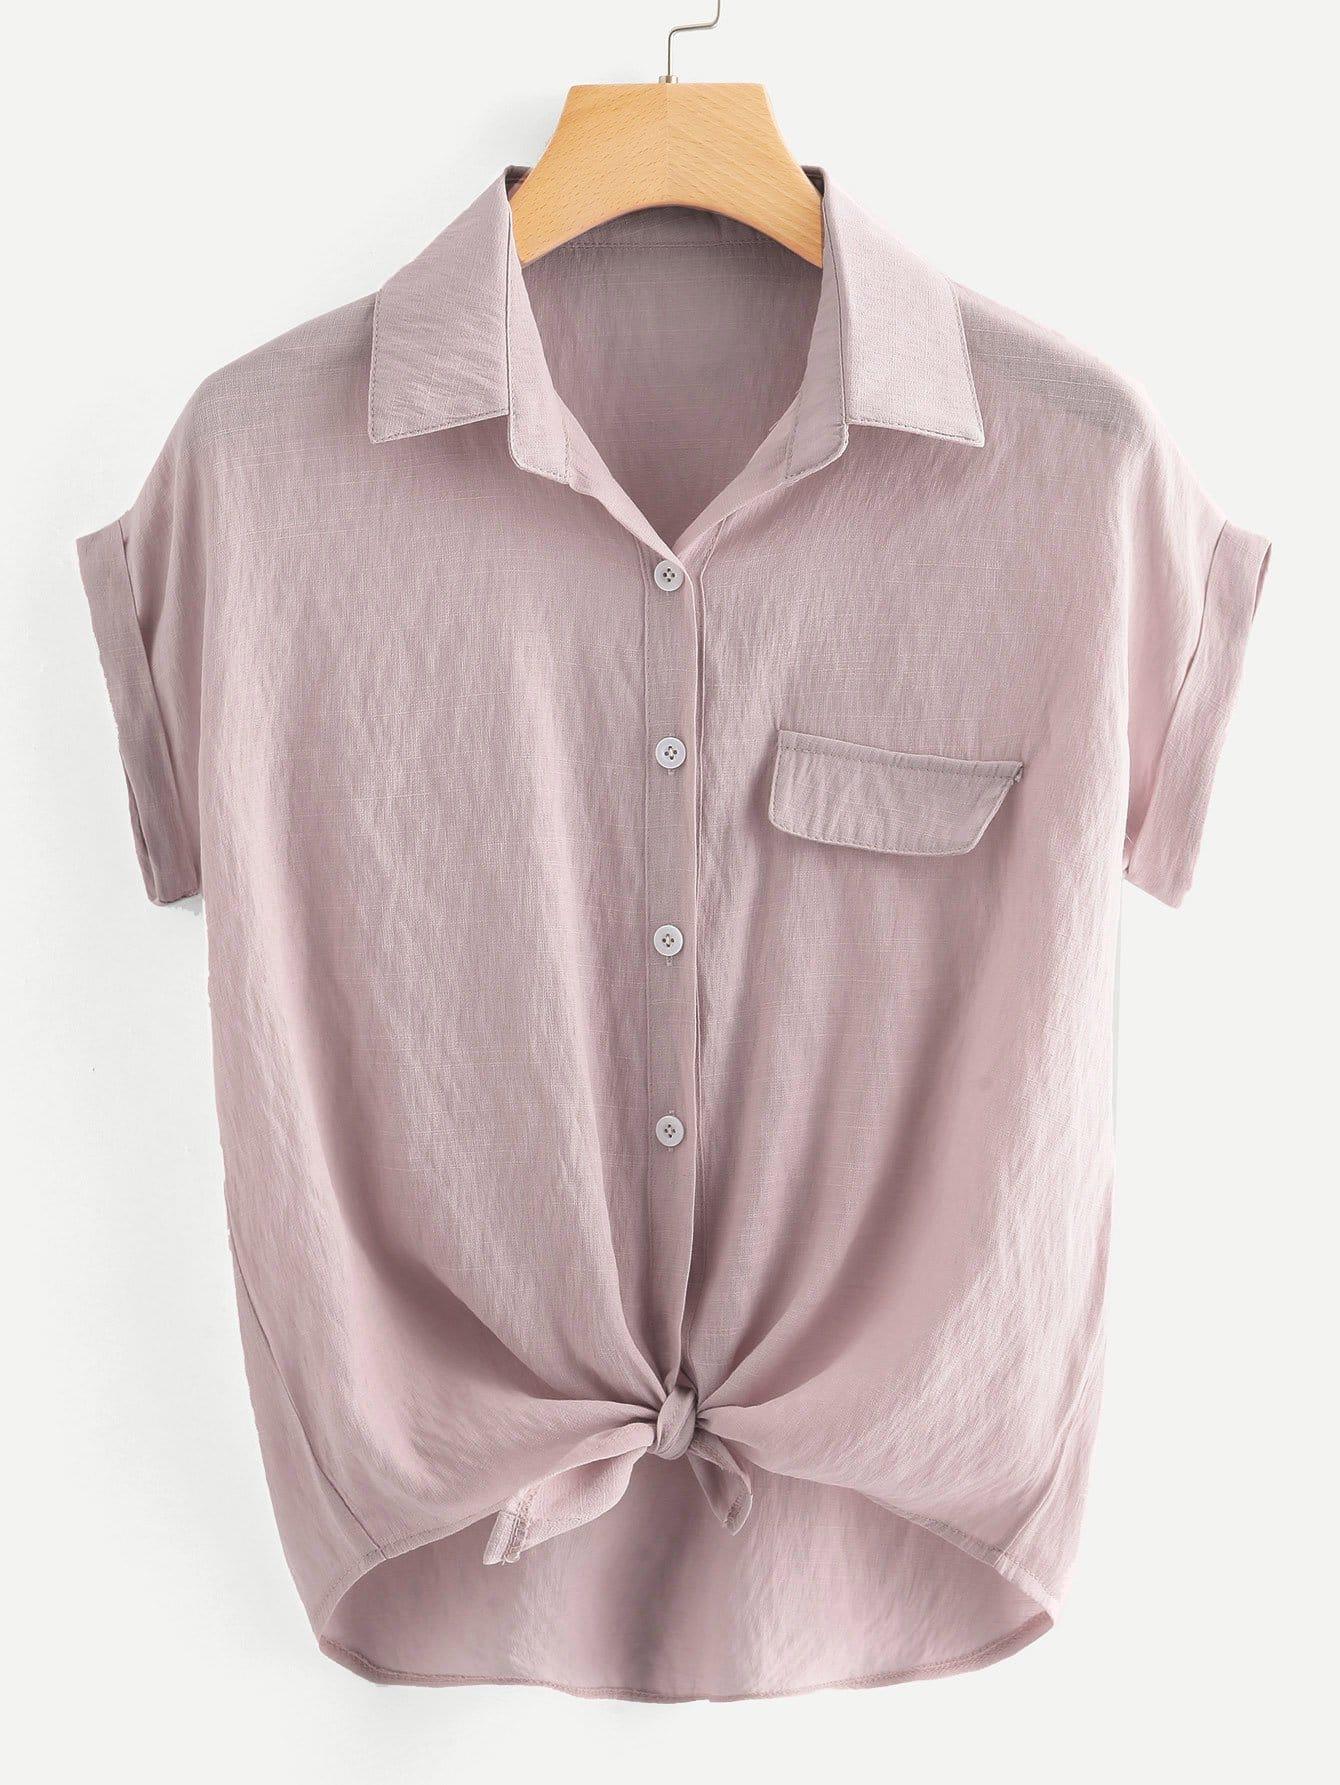 Plus Tie Front Solid Blouse